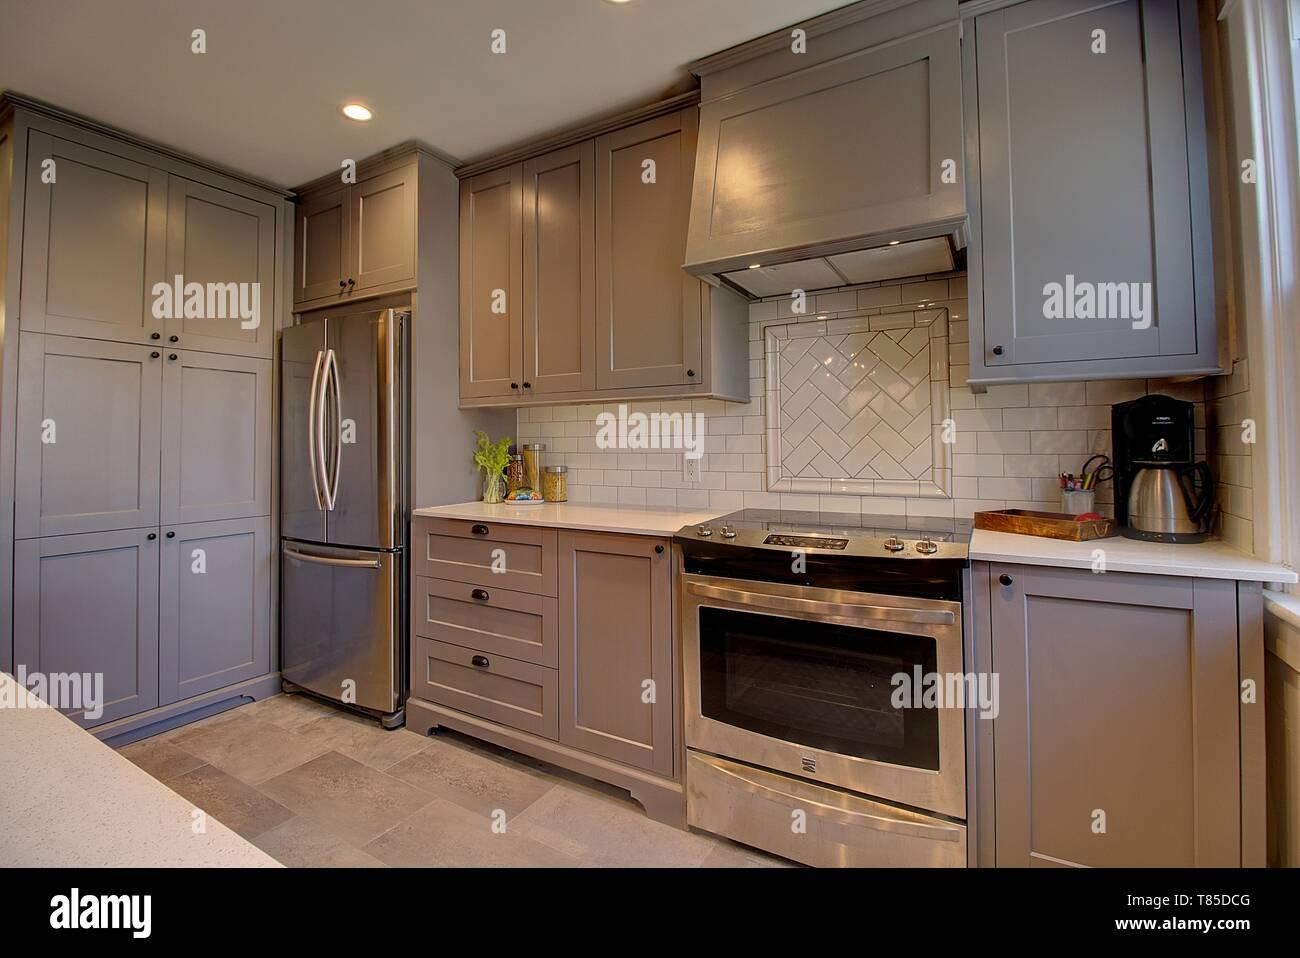 Moderna cucina con elettrodomestici in acciaio inox Foto ...